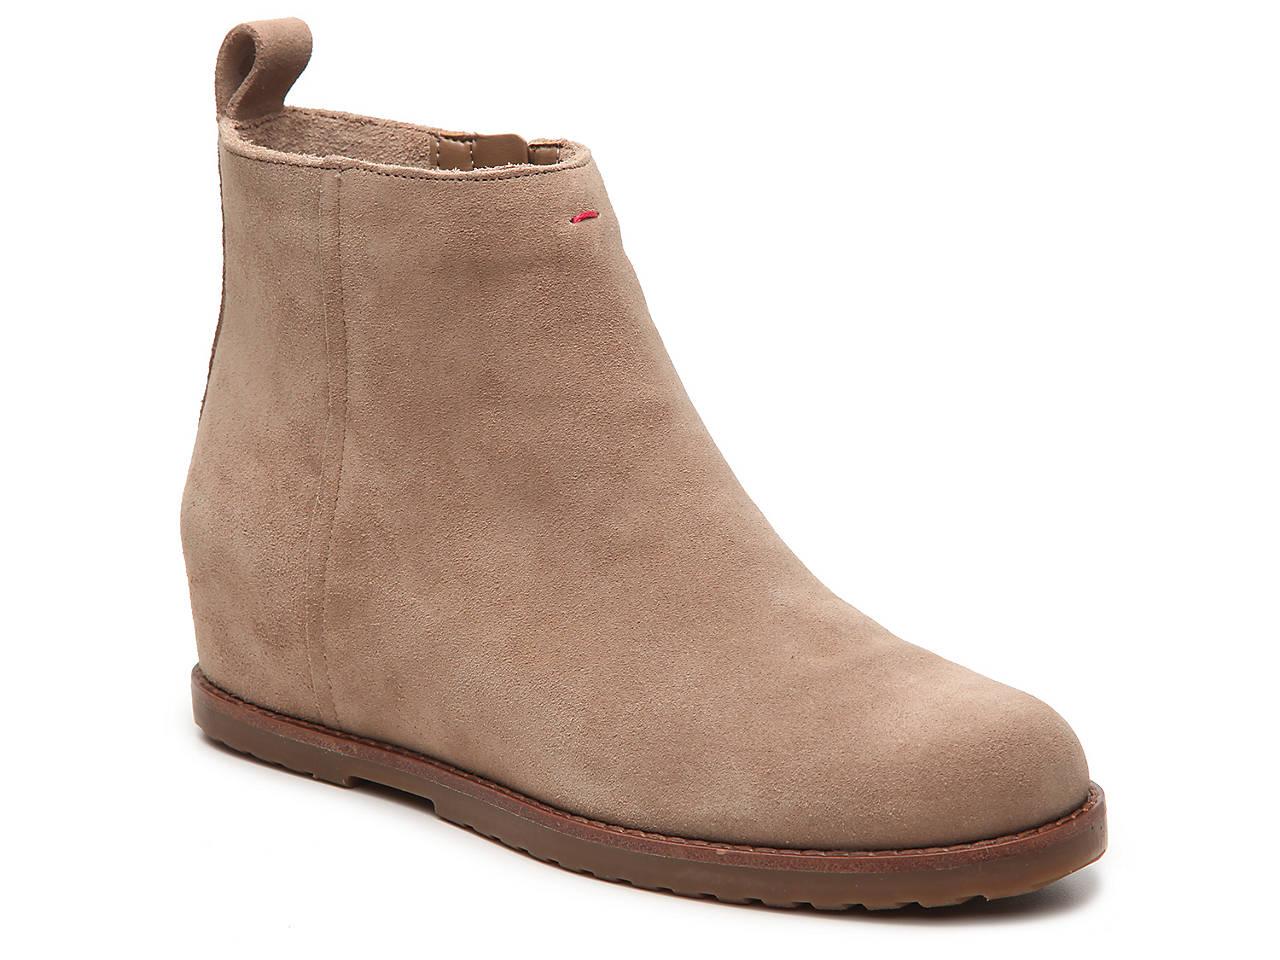 8be1e13a196 ED Ellen DeGeneres Tannor Wedge Bootie Women s Shoes